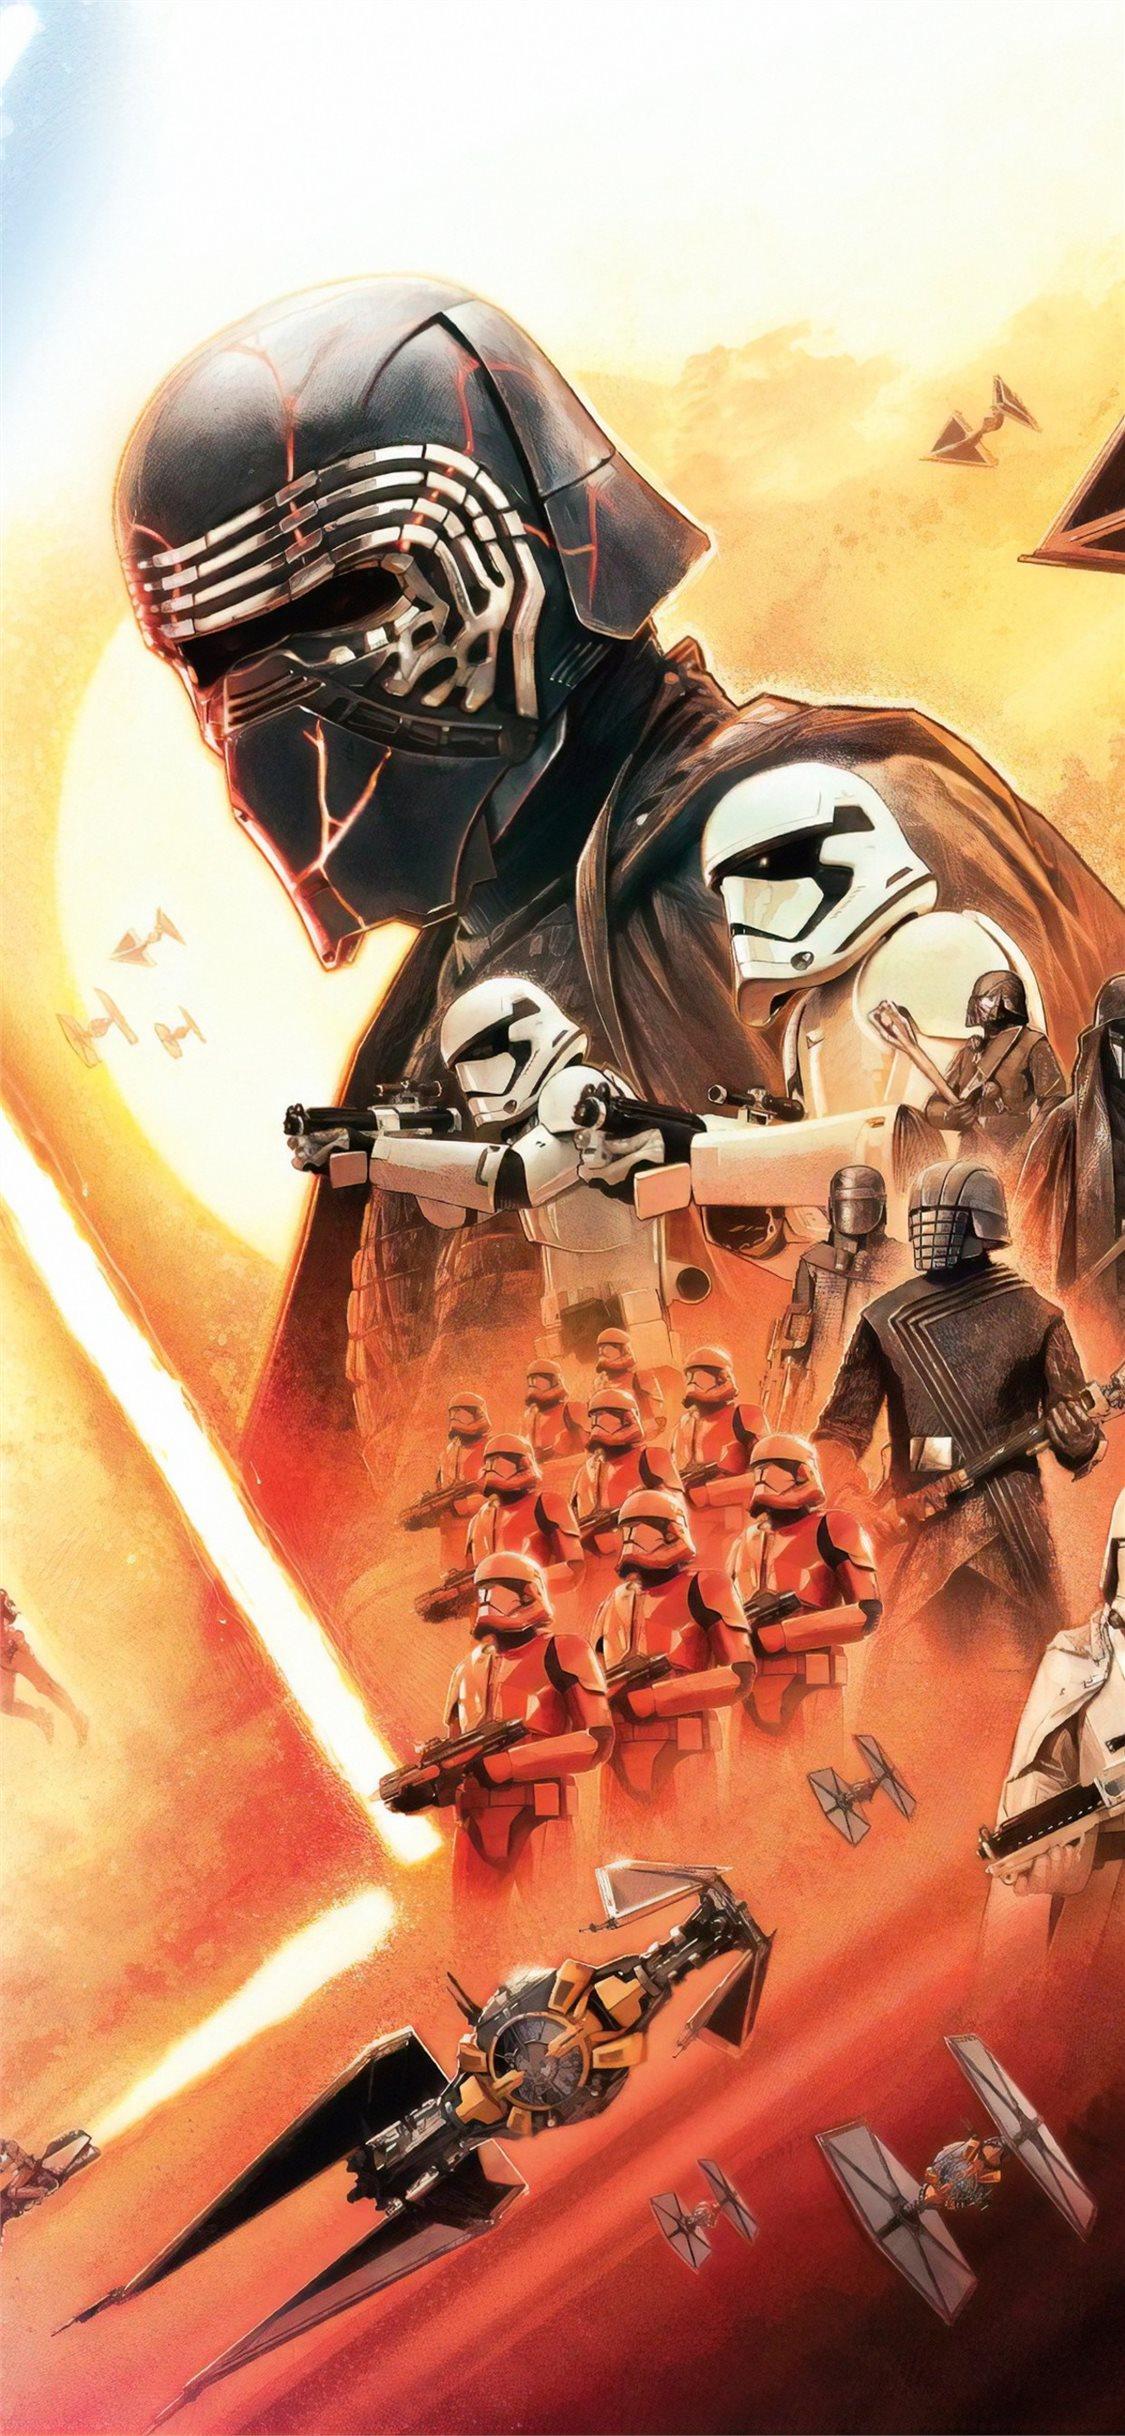 Cute Star Wars Wallpaper Cg Artwork Fictional Character Illustration Fiction Art Supervillain Comics 1645062 Wallpaperkiss